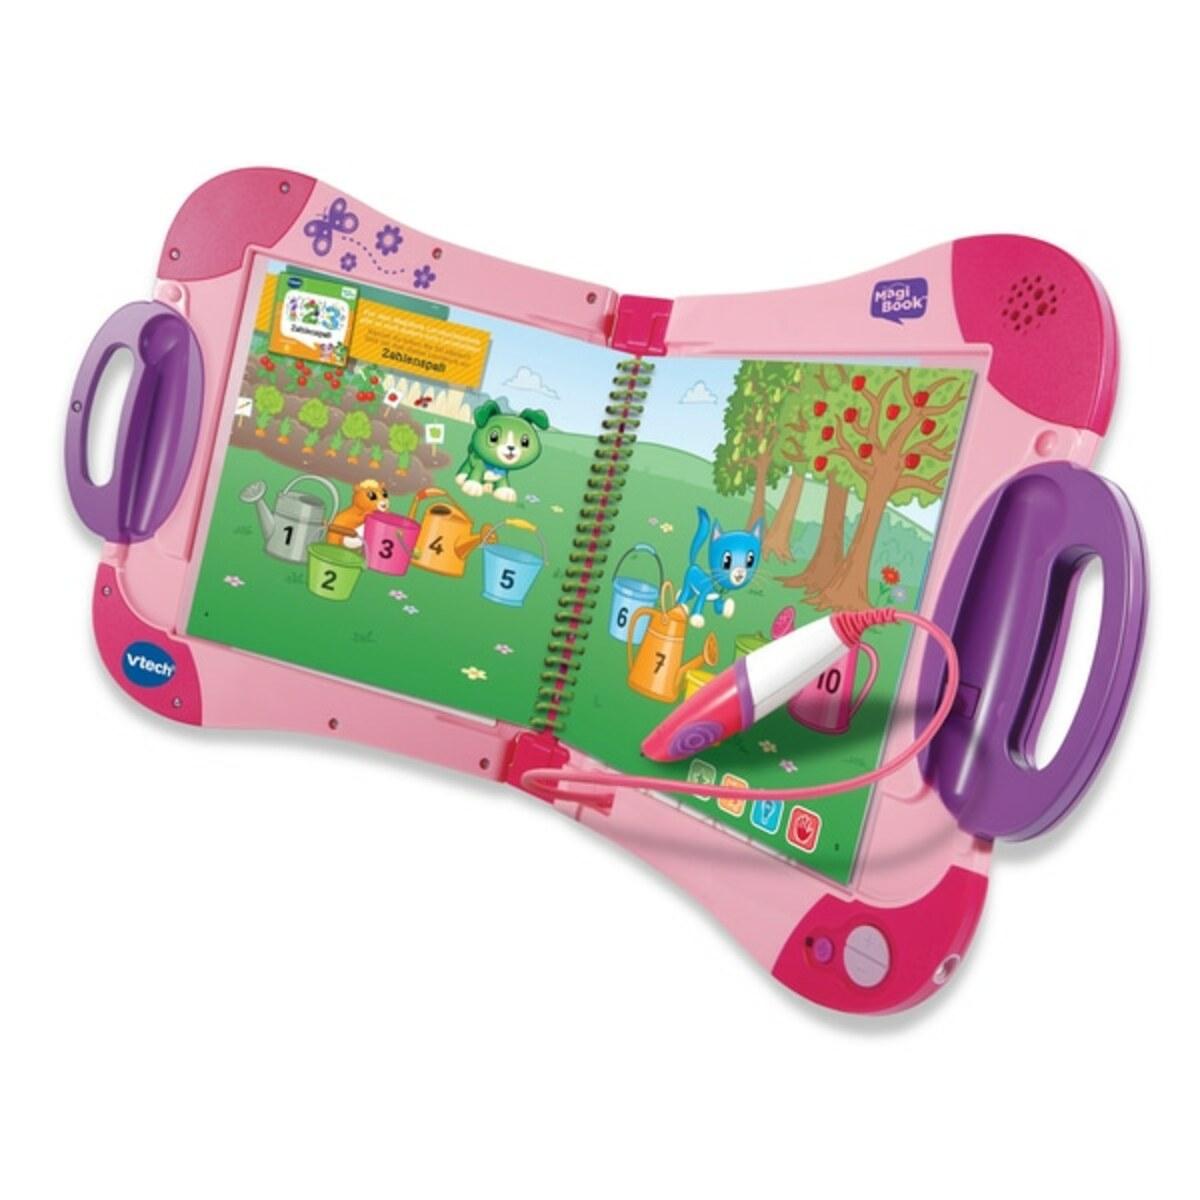 Bild 1 von VTech - MagiBook, pink